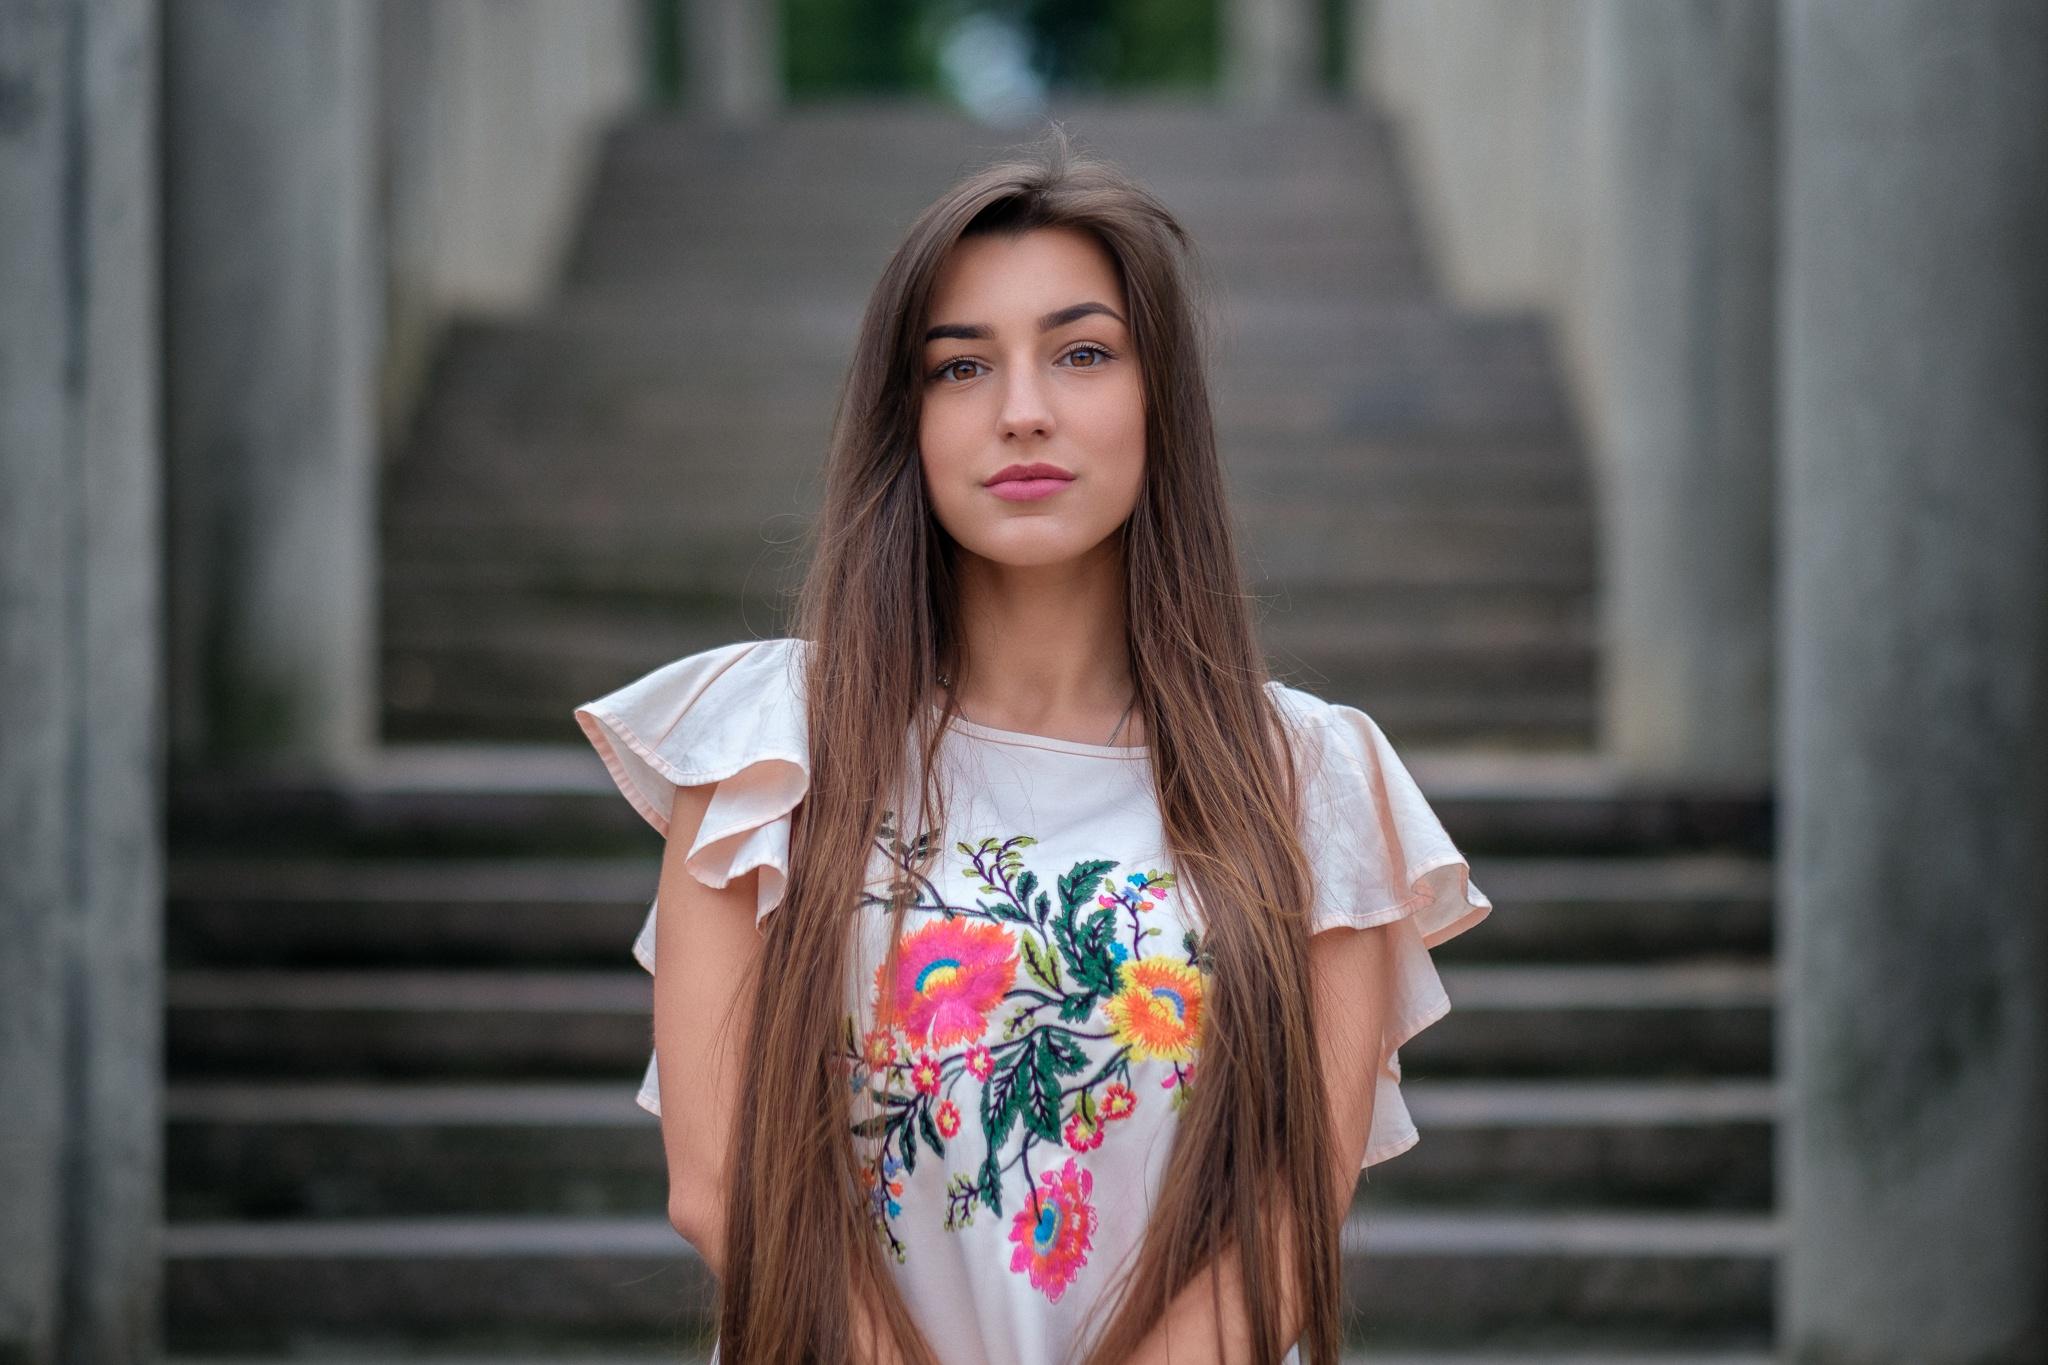 Brown eyes, girl model, beautiful